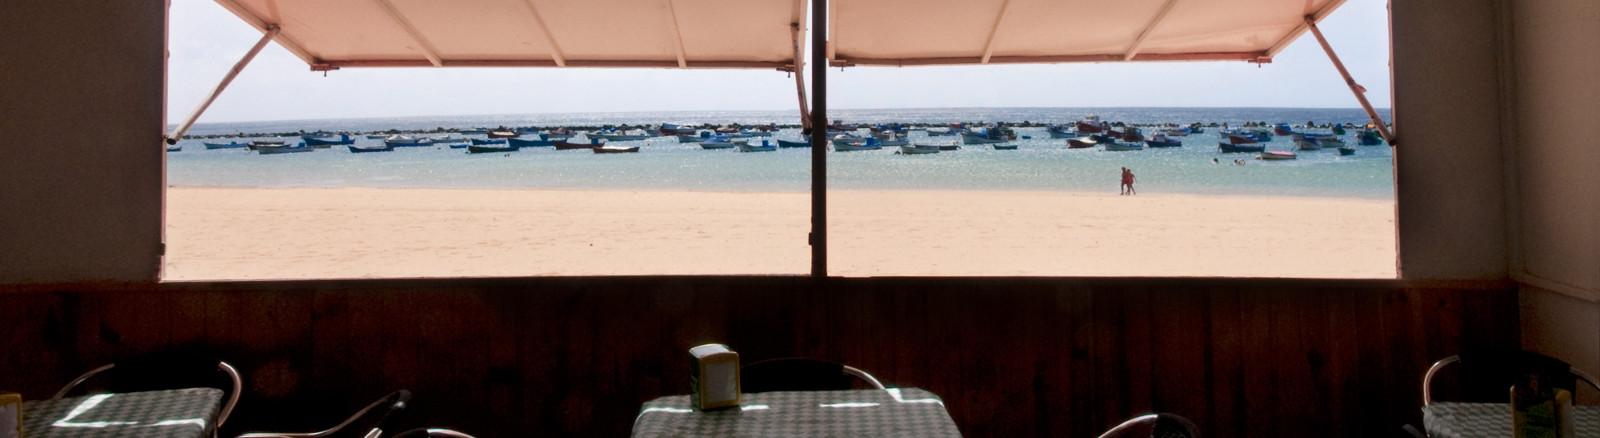 Dónde comer en la playa de las Teresitas